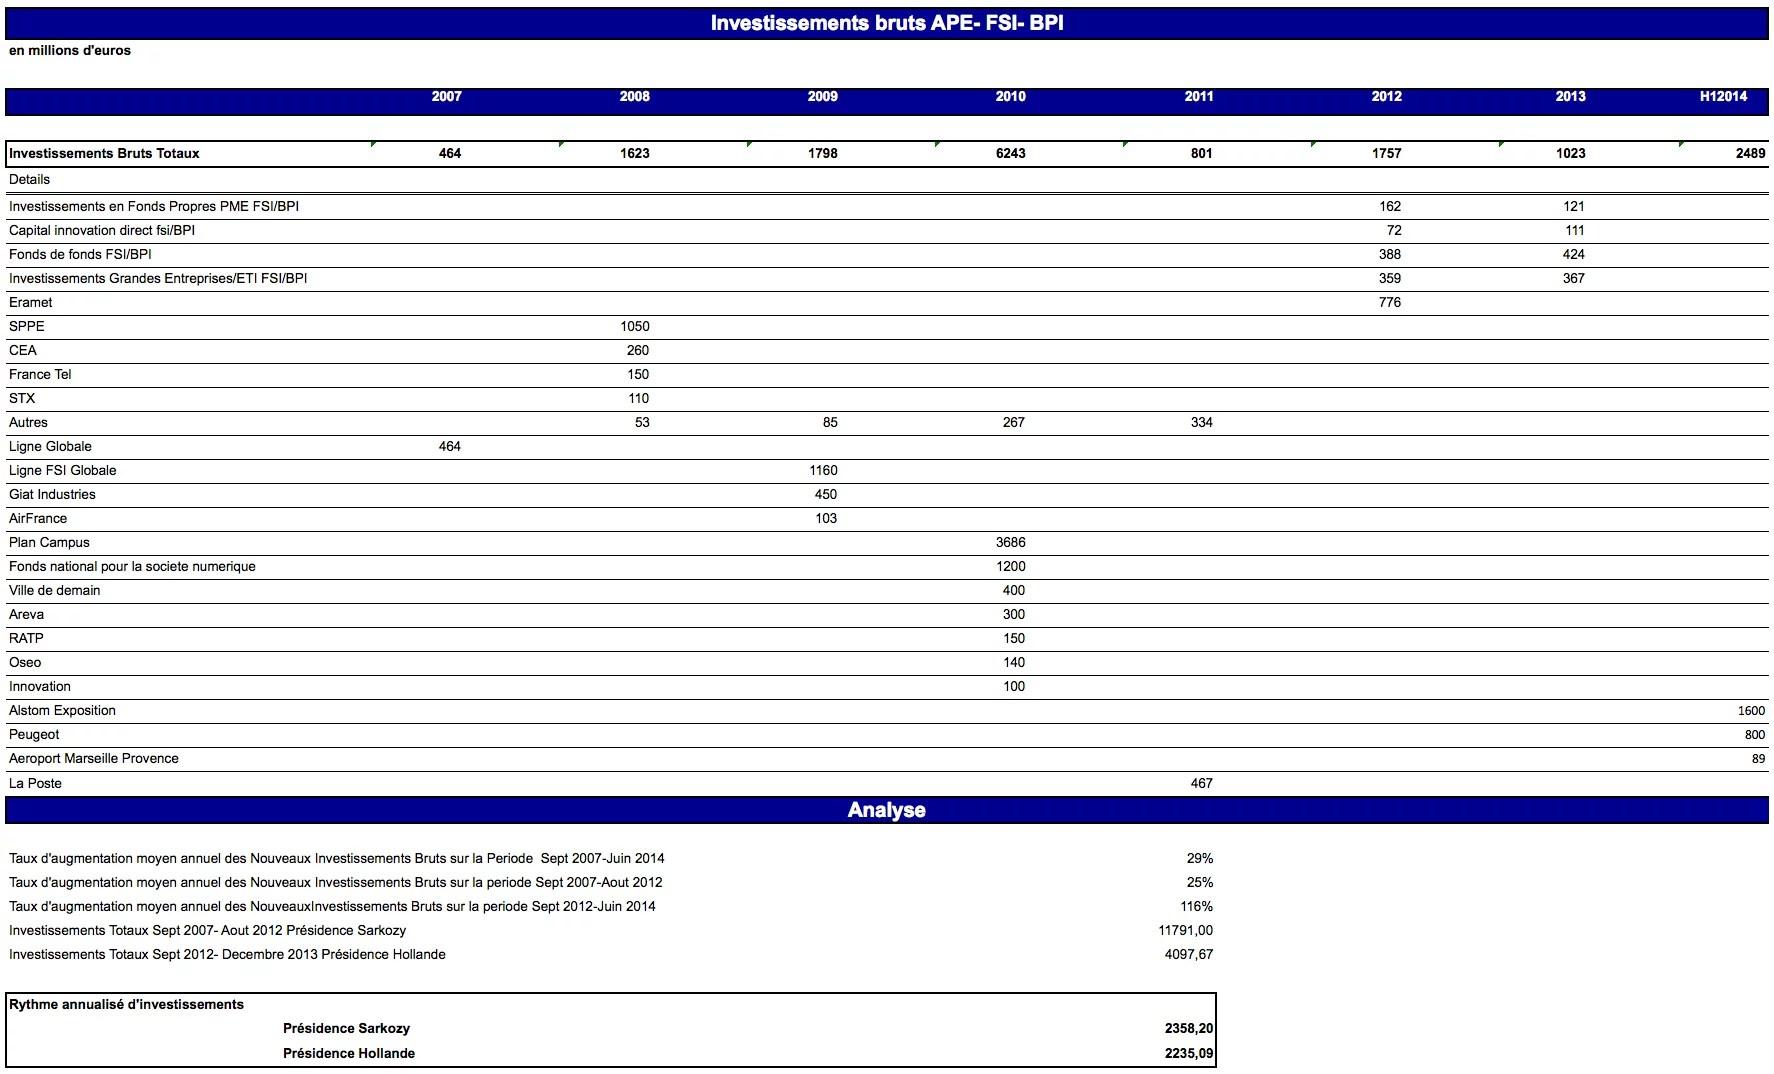 Etat actionnaire tableauExcel1